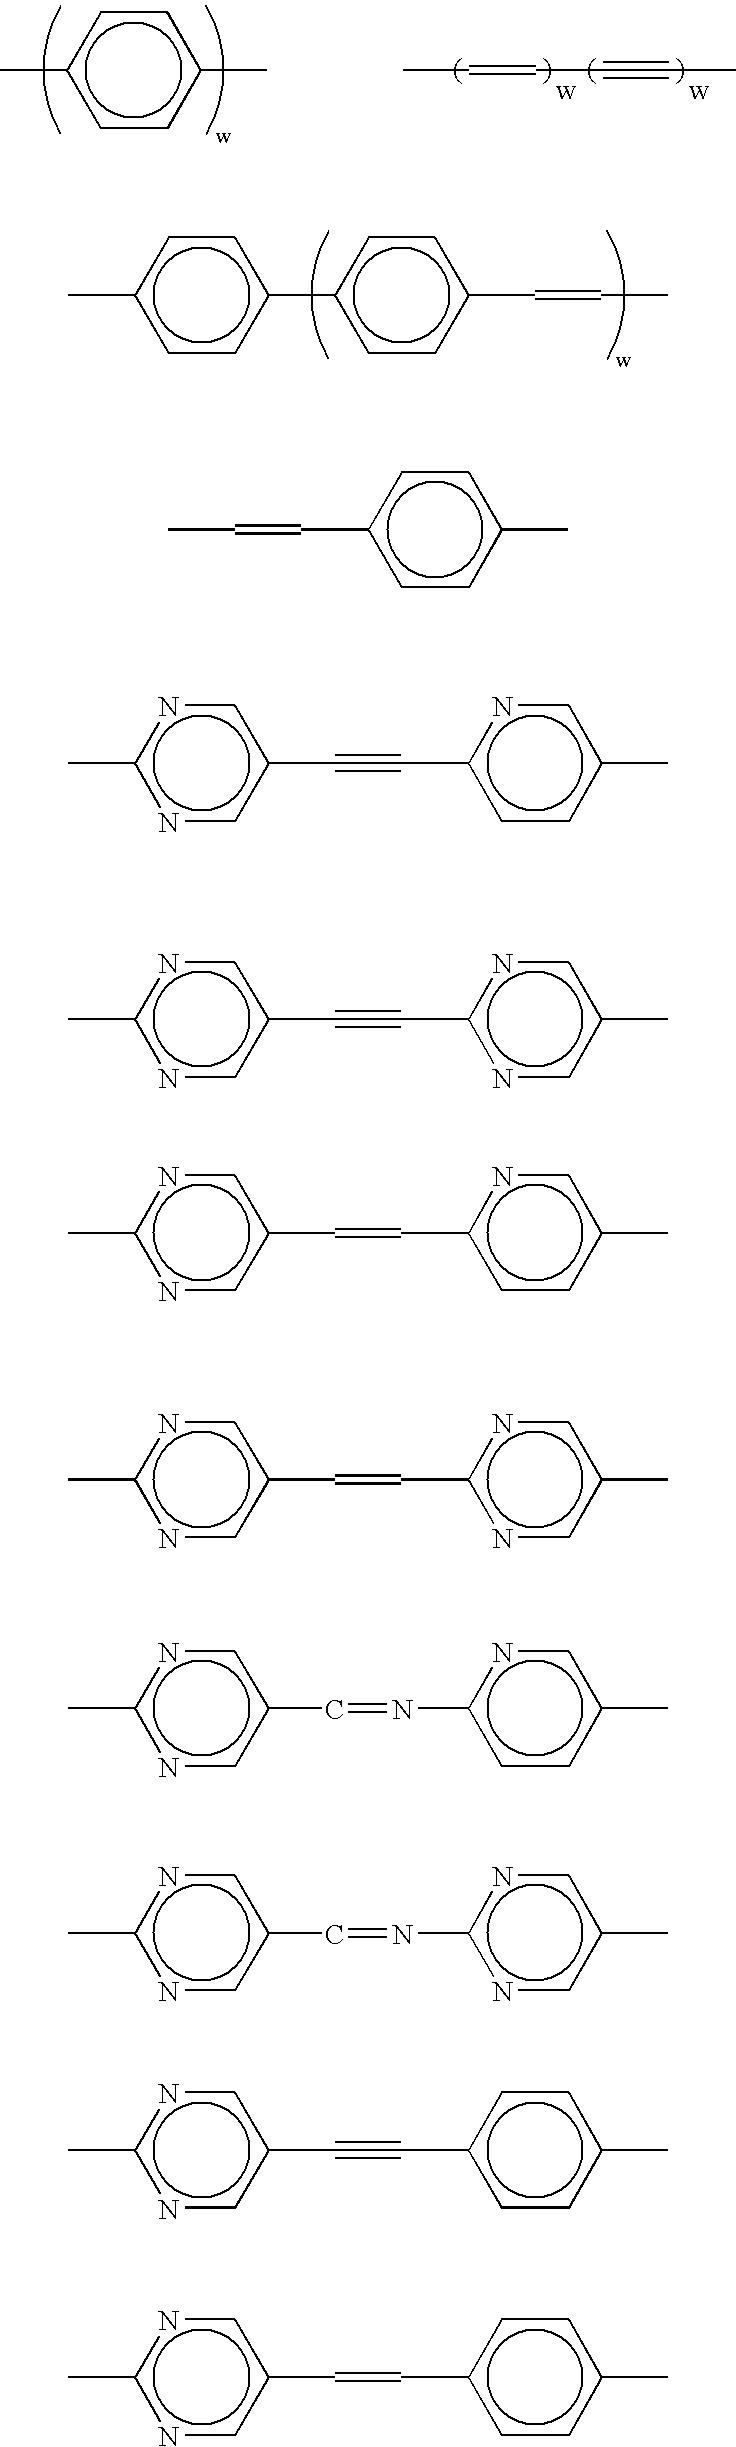 Figure US20050280604A1-20051222-C00010